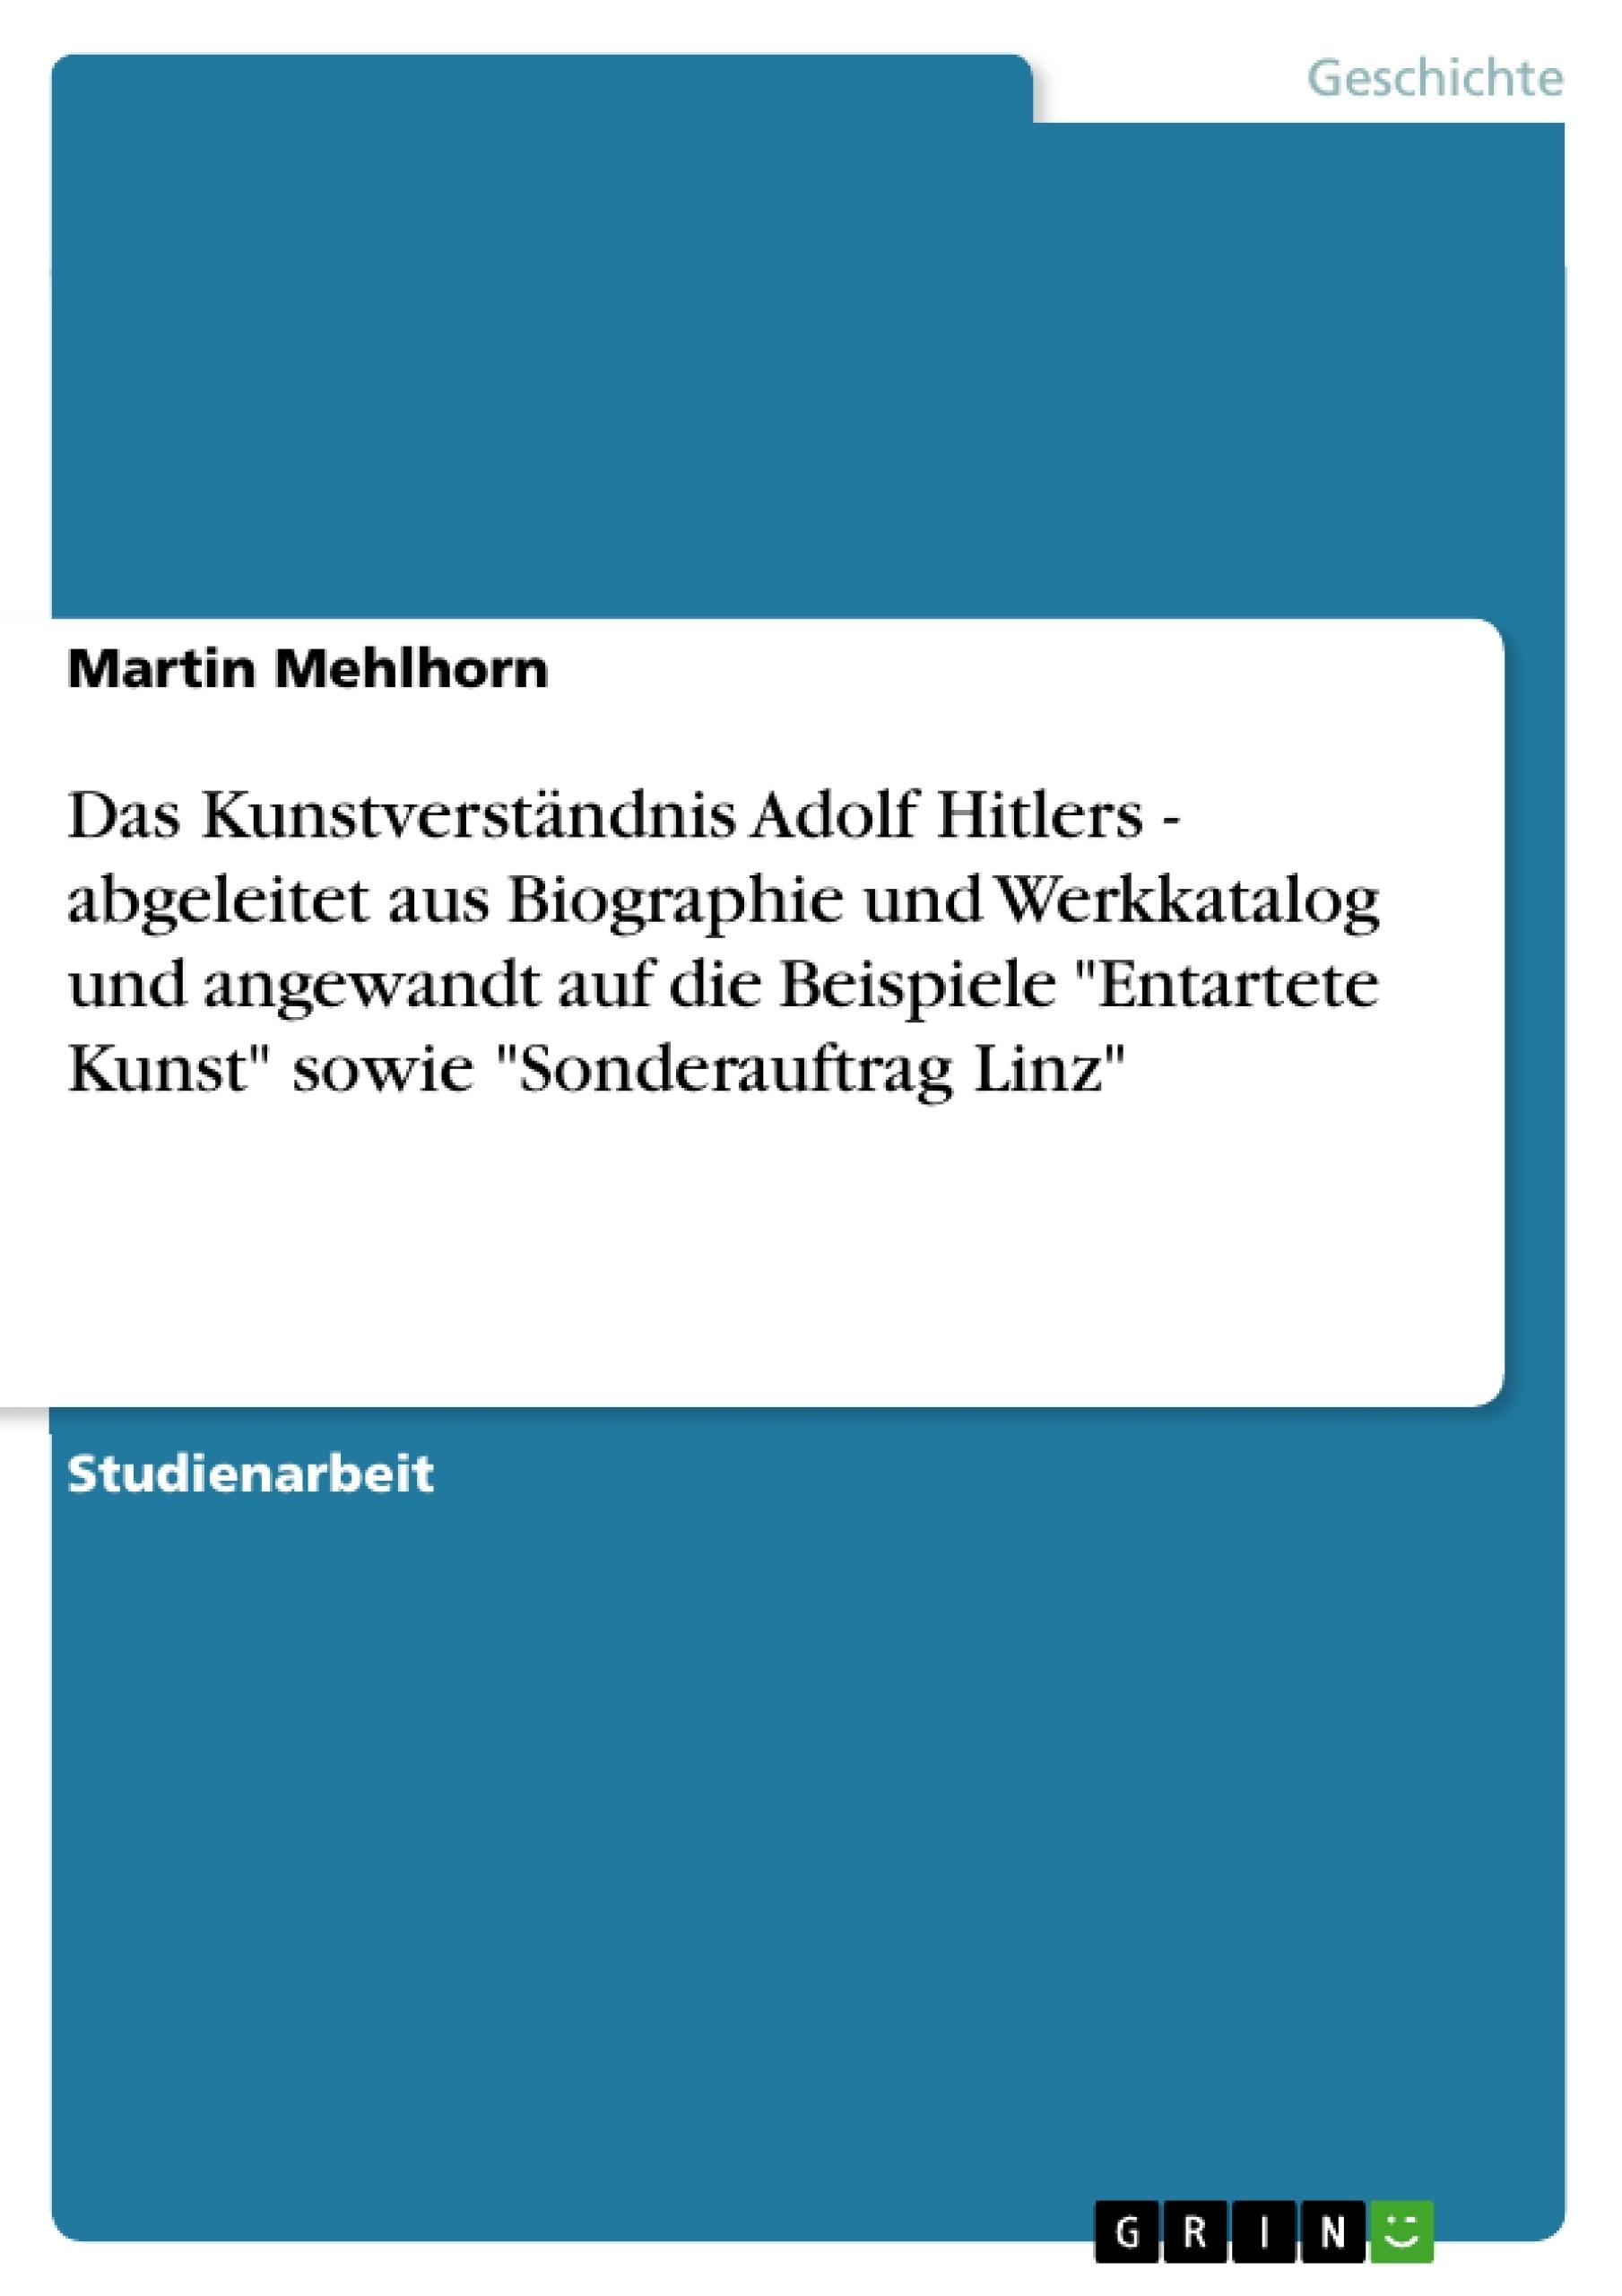 """Titel: Das Kunstverständnis Adolf Hitlers - abgeleitet aus Biographie und Werkkatalog und angewandt auf die Beispiele """"Entartete Kunst"""" sowie """"Sonderauftrag Linz"""""""